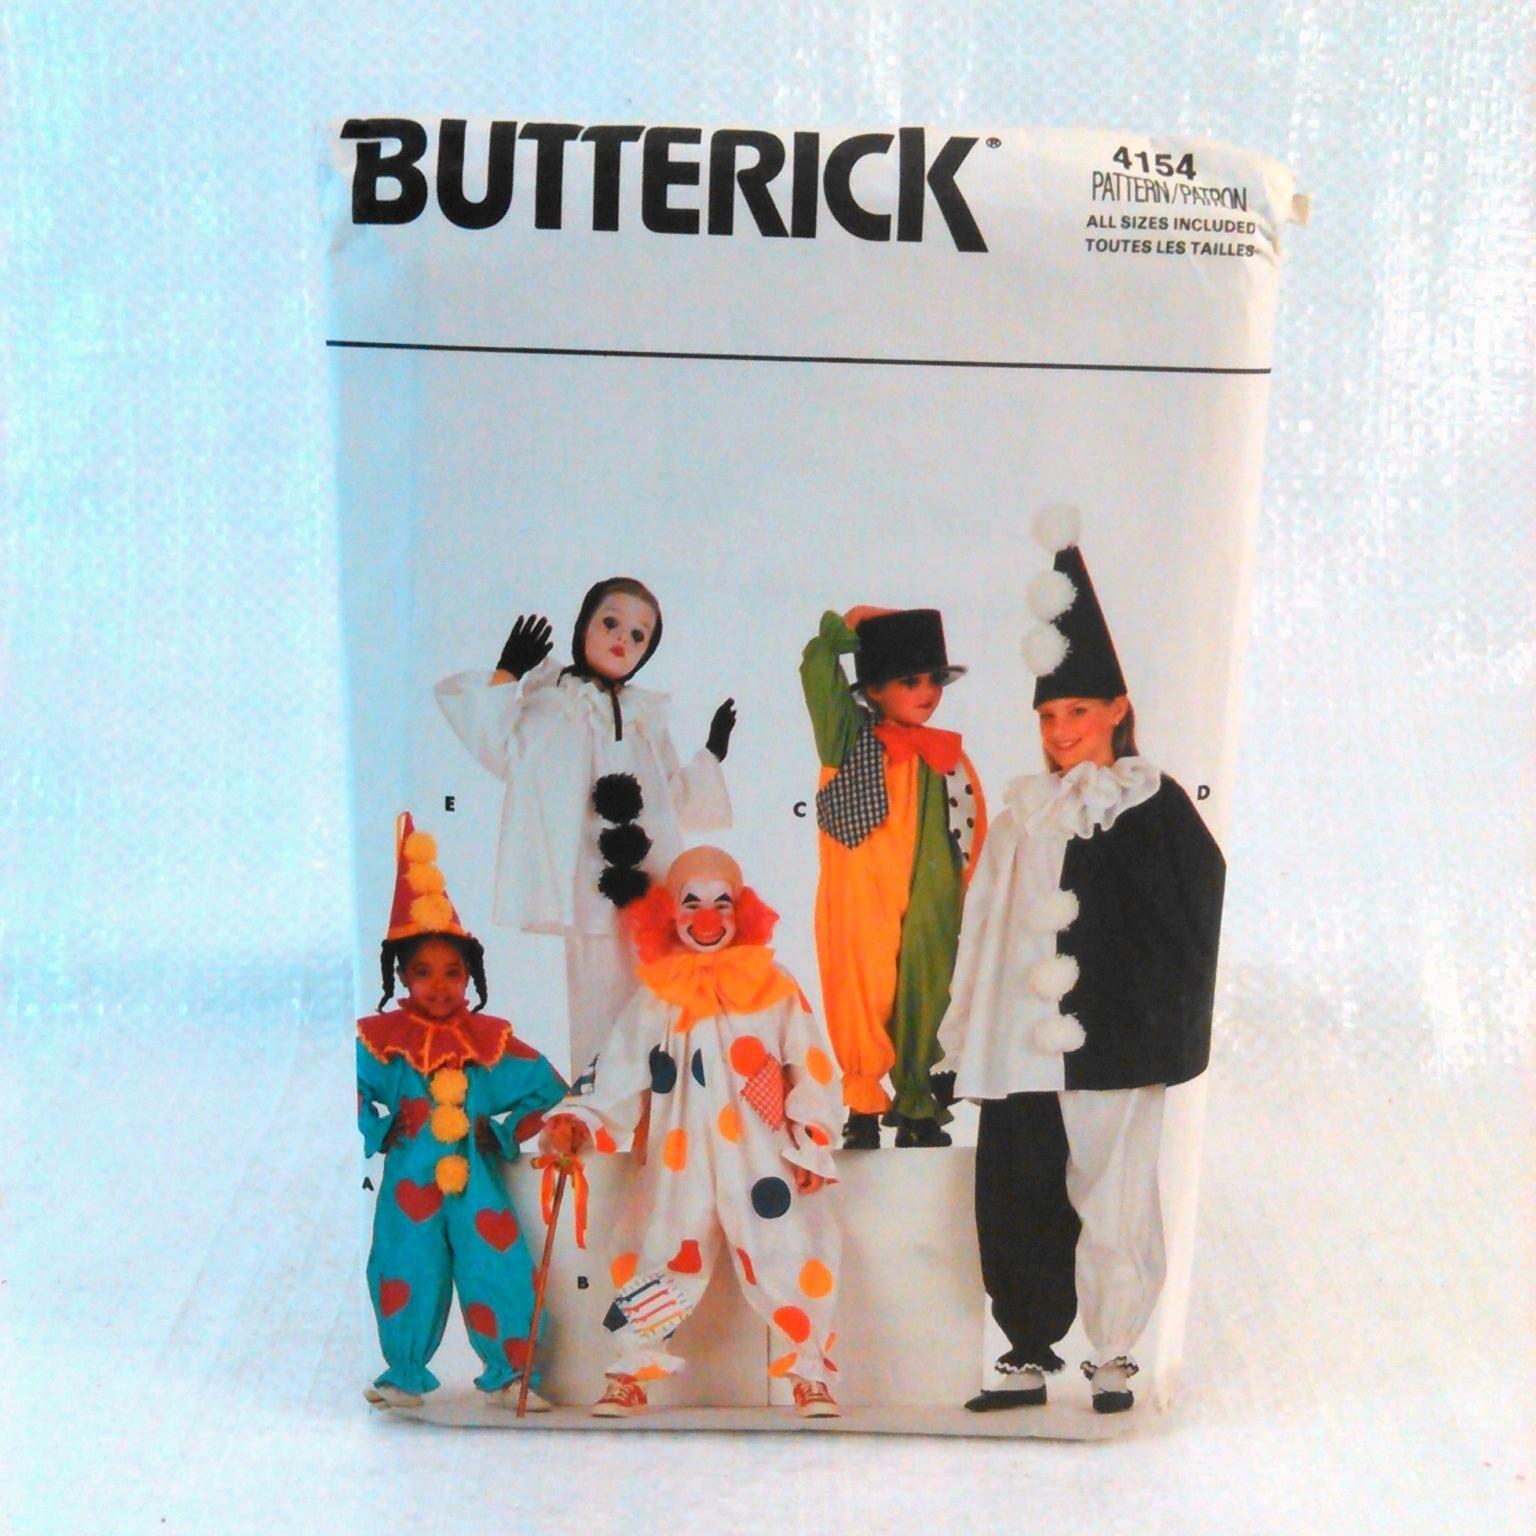 Butterick4154clowns.jpg.15